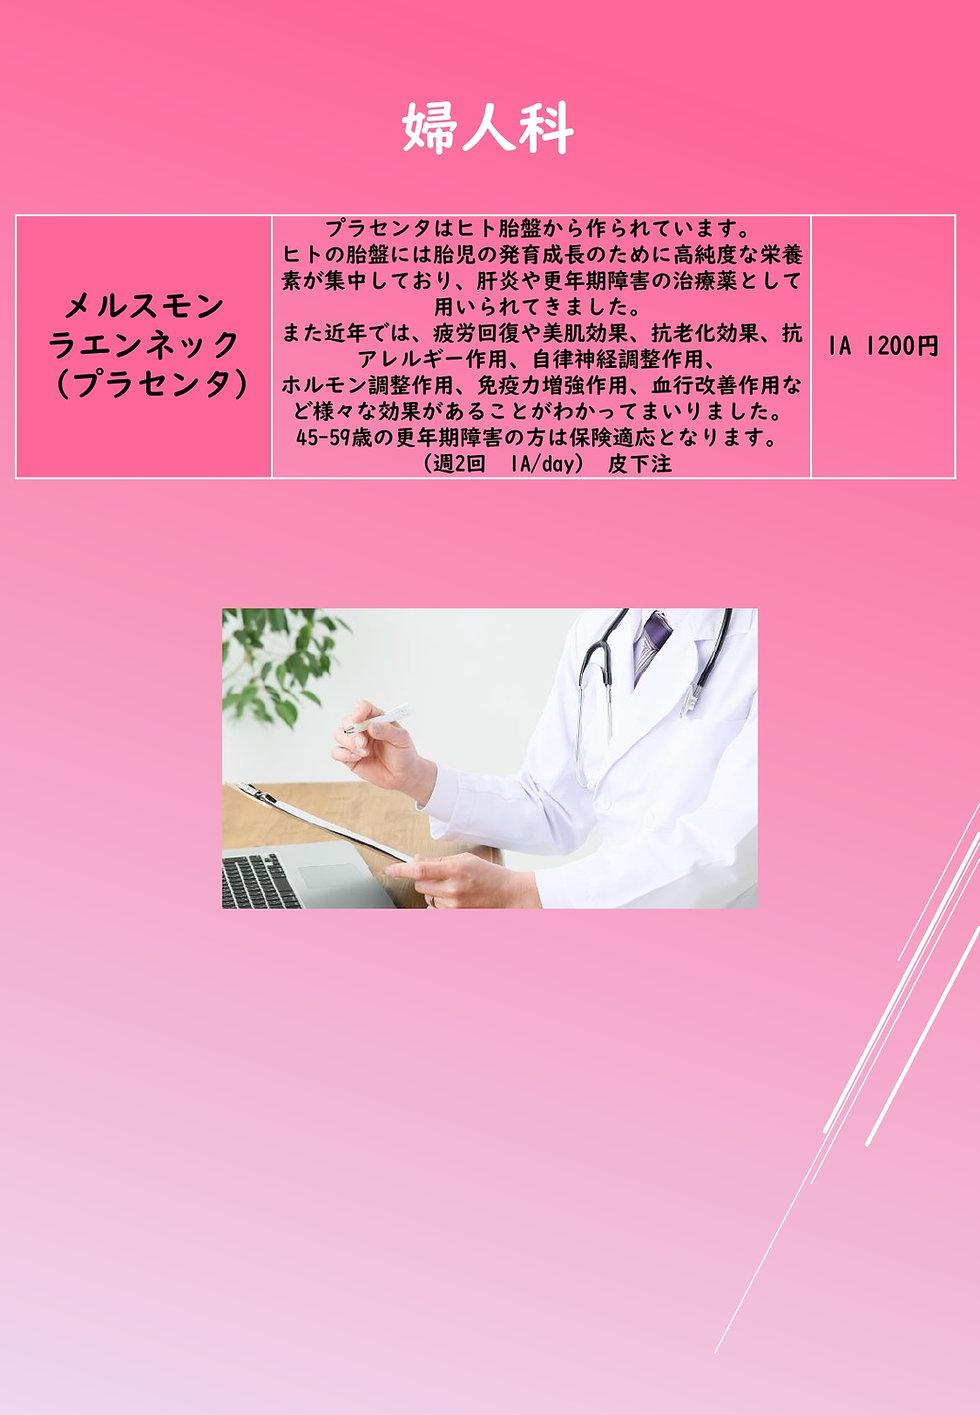 ビタミン剤(N) (1)_page-0001.jpg